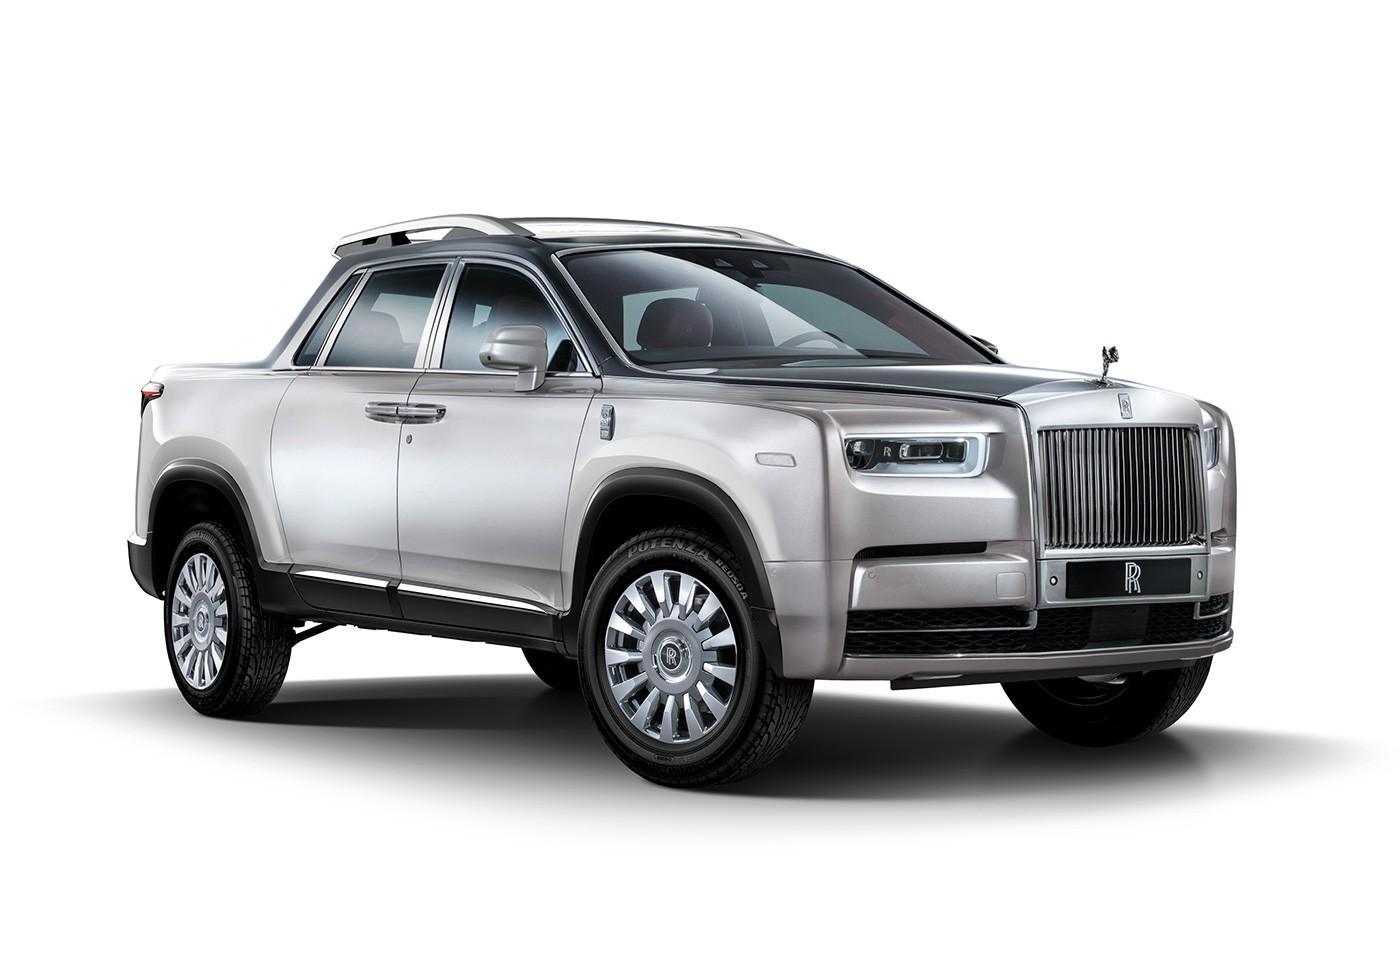 Rolls Royce Pickup Truck Rendering Is One Utilitarian